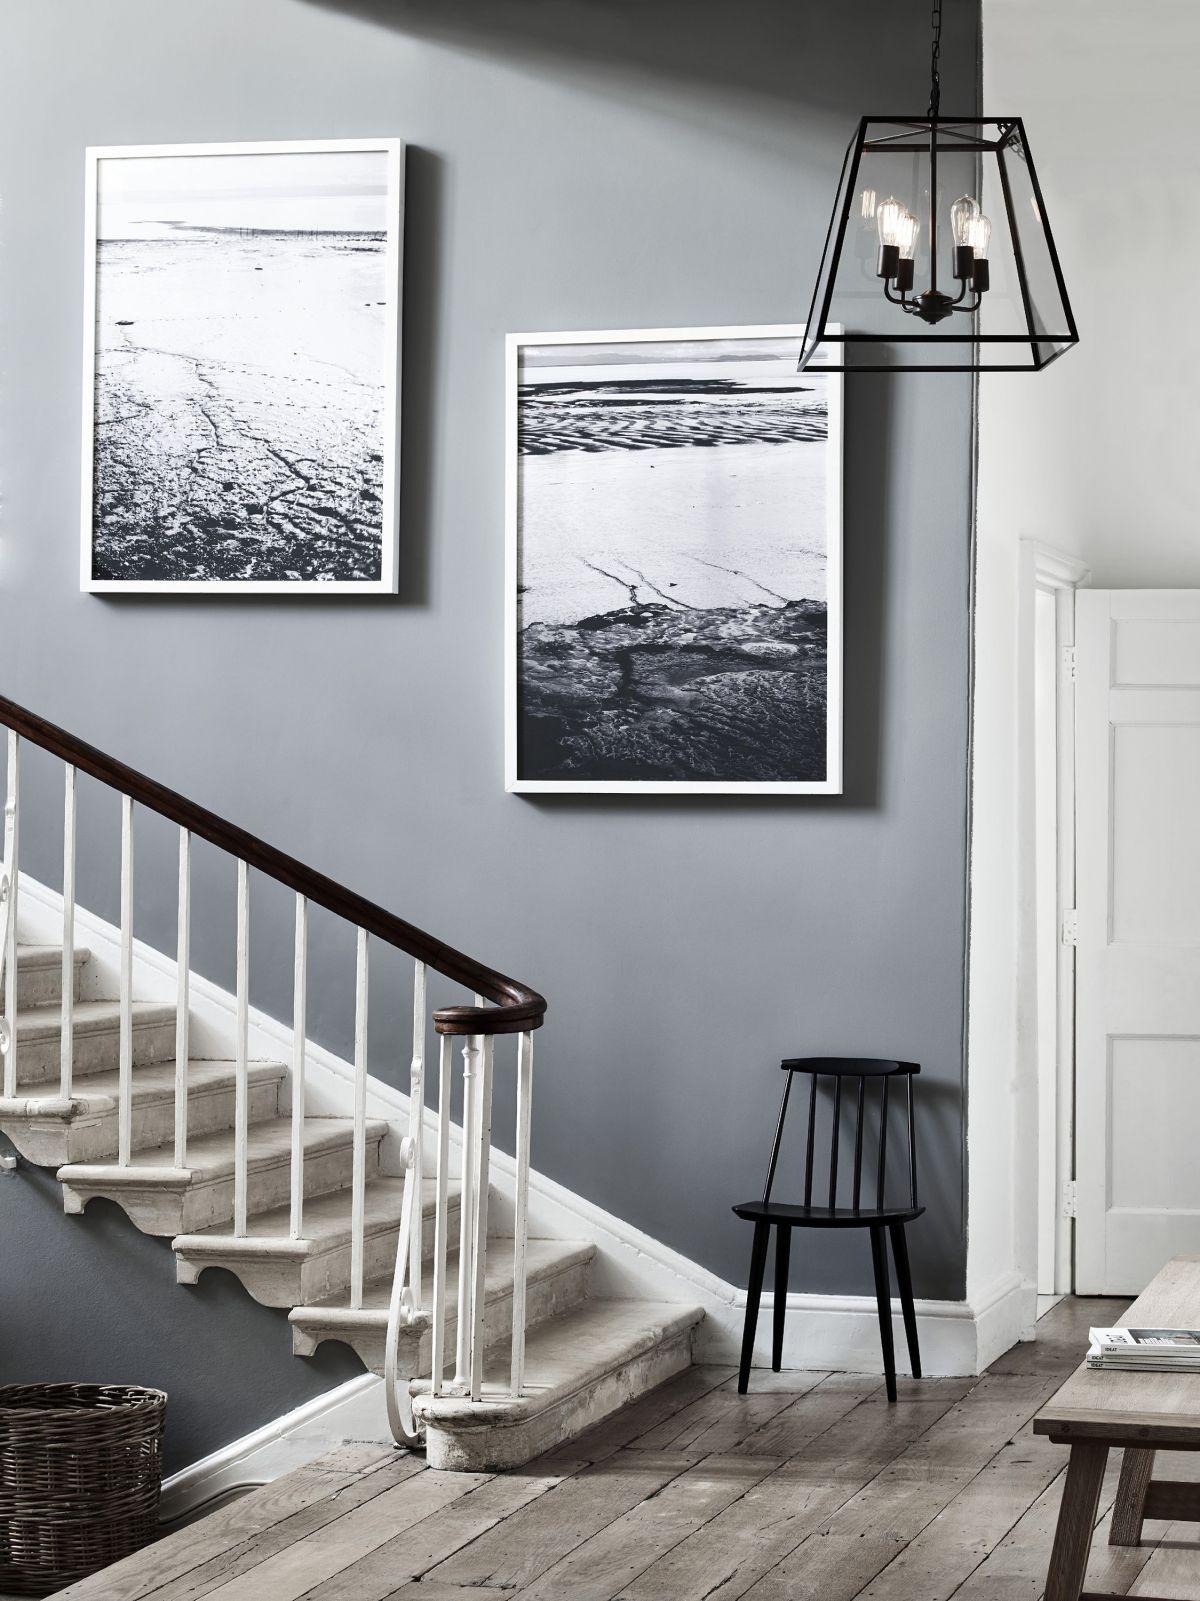 Stylish hallway lighting ideas   Real Homes on track lighting ideas, hall lighting ideas, wallpaper for hallways ideas,